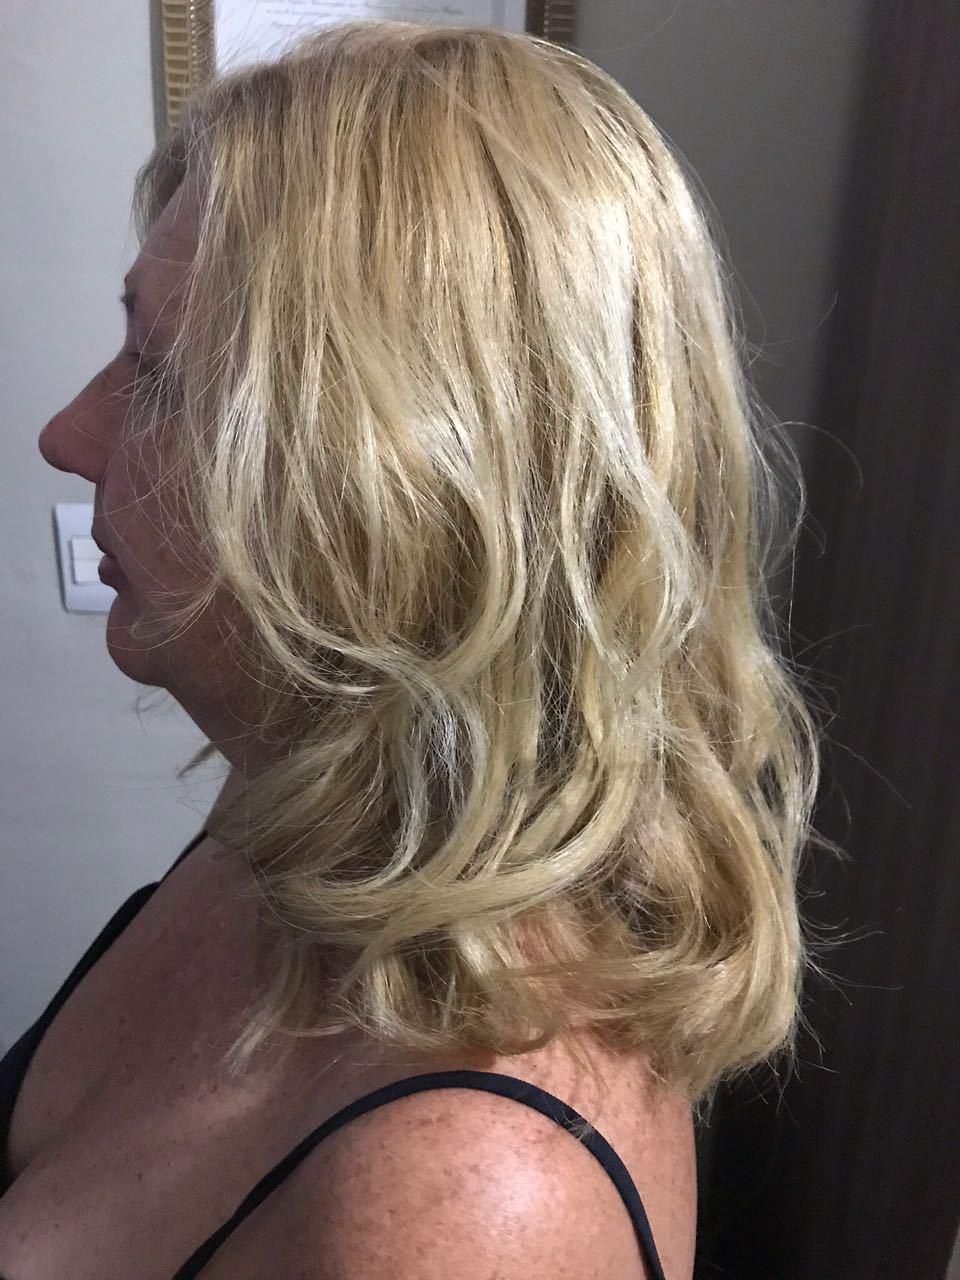 Coloração clássica (retoque de raiz) com Majirel High Lift de @lorealpro + Escova Modelada. Clientes que desejam louros puros e frios, para uma cor global ou parcial. #porquevocevalemuito #lorealpro #lorealbrasil #lorealparis #lorealcolor cabelo estudante (cabeleireiro) auxiliar cabeleireiro(a) cabeleireiro(a)